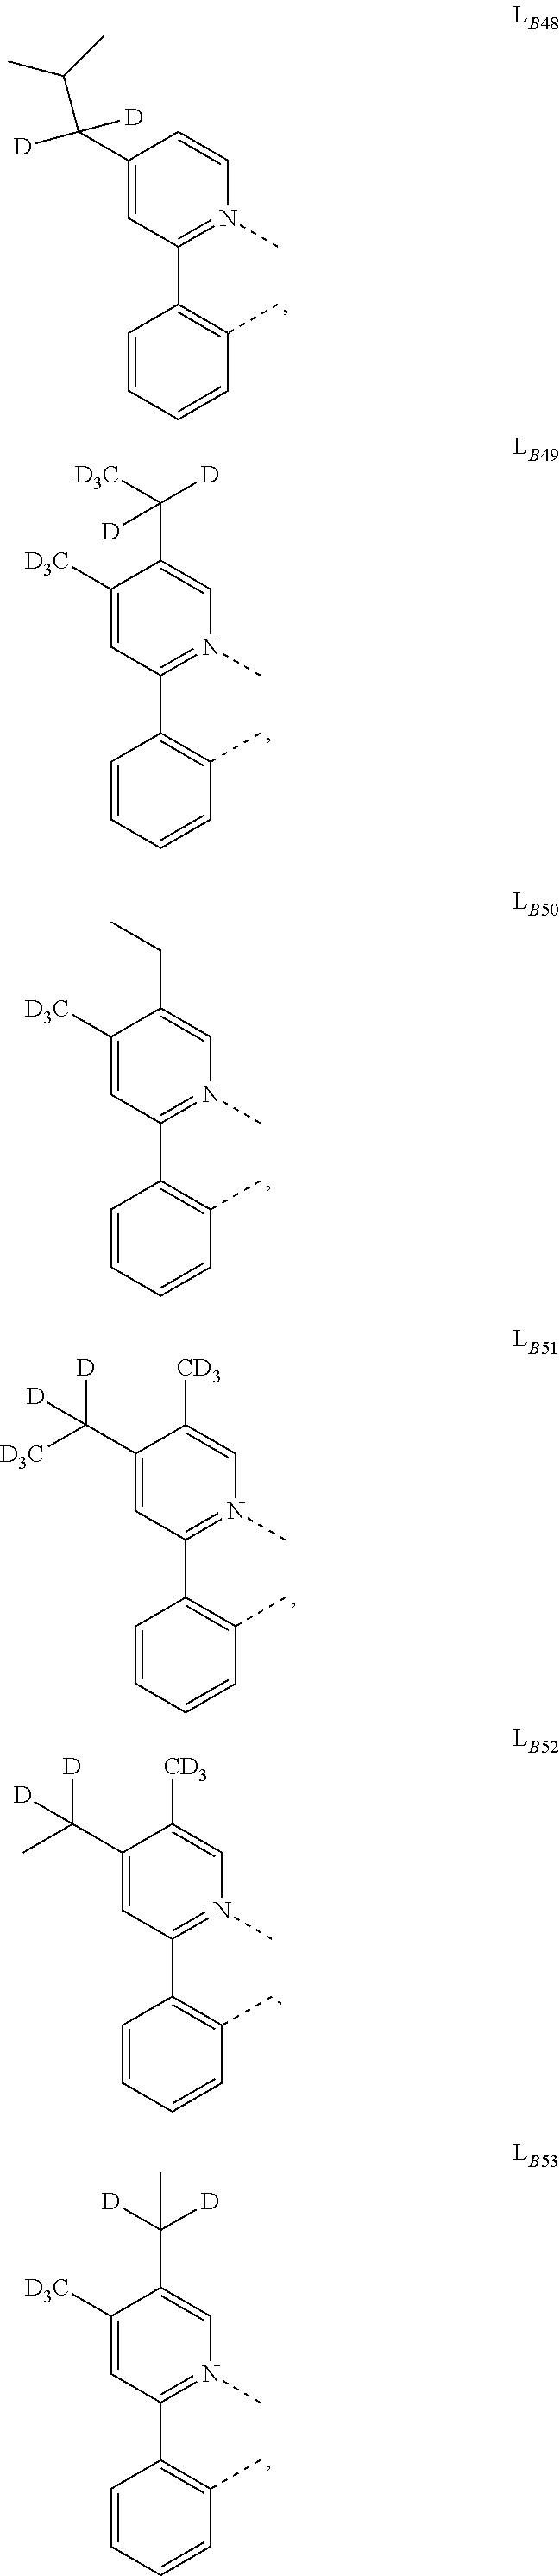 Figure US10003034-20180619-C00023